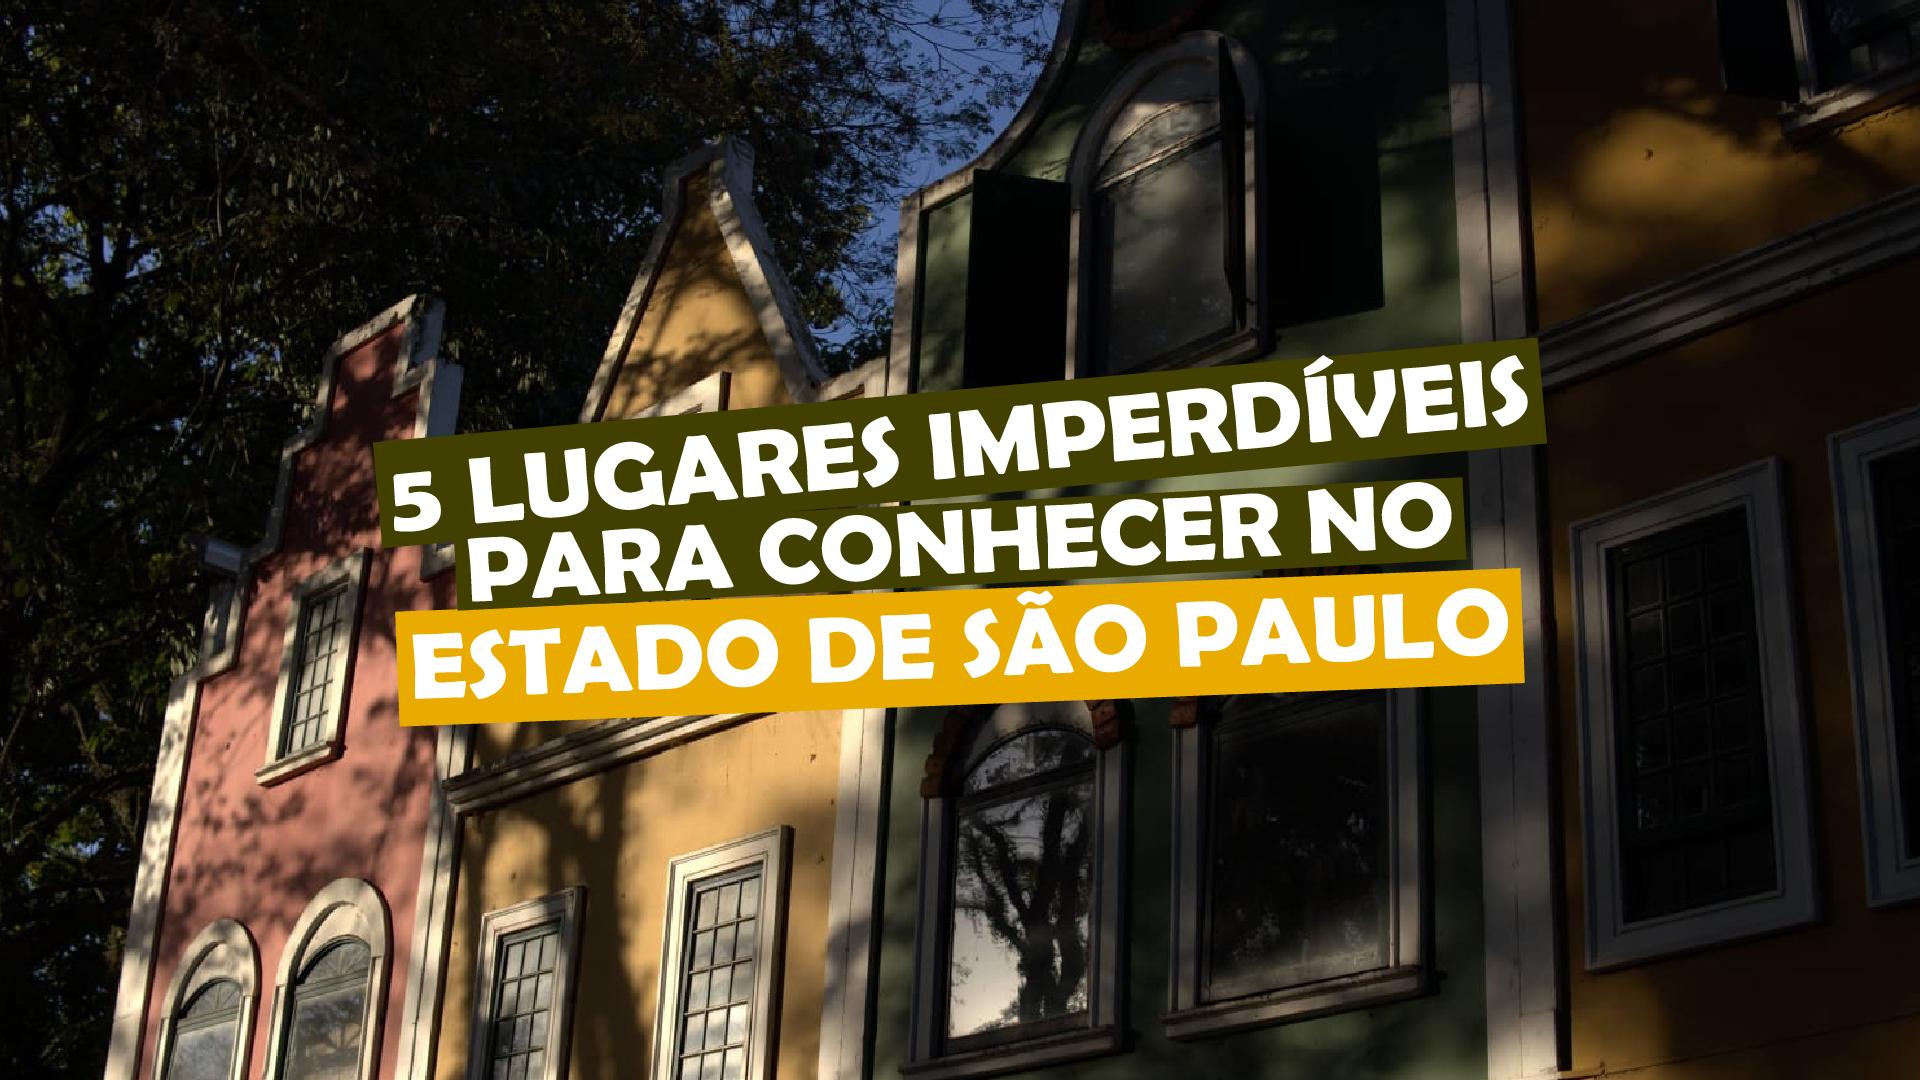 You are currently viewing 5 LUGARES imperdíveis PARA CONHECER no estado de São Paulo ?